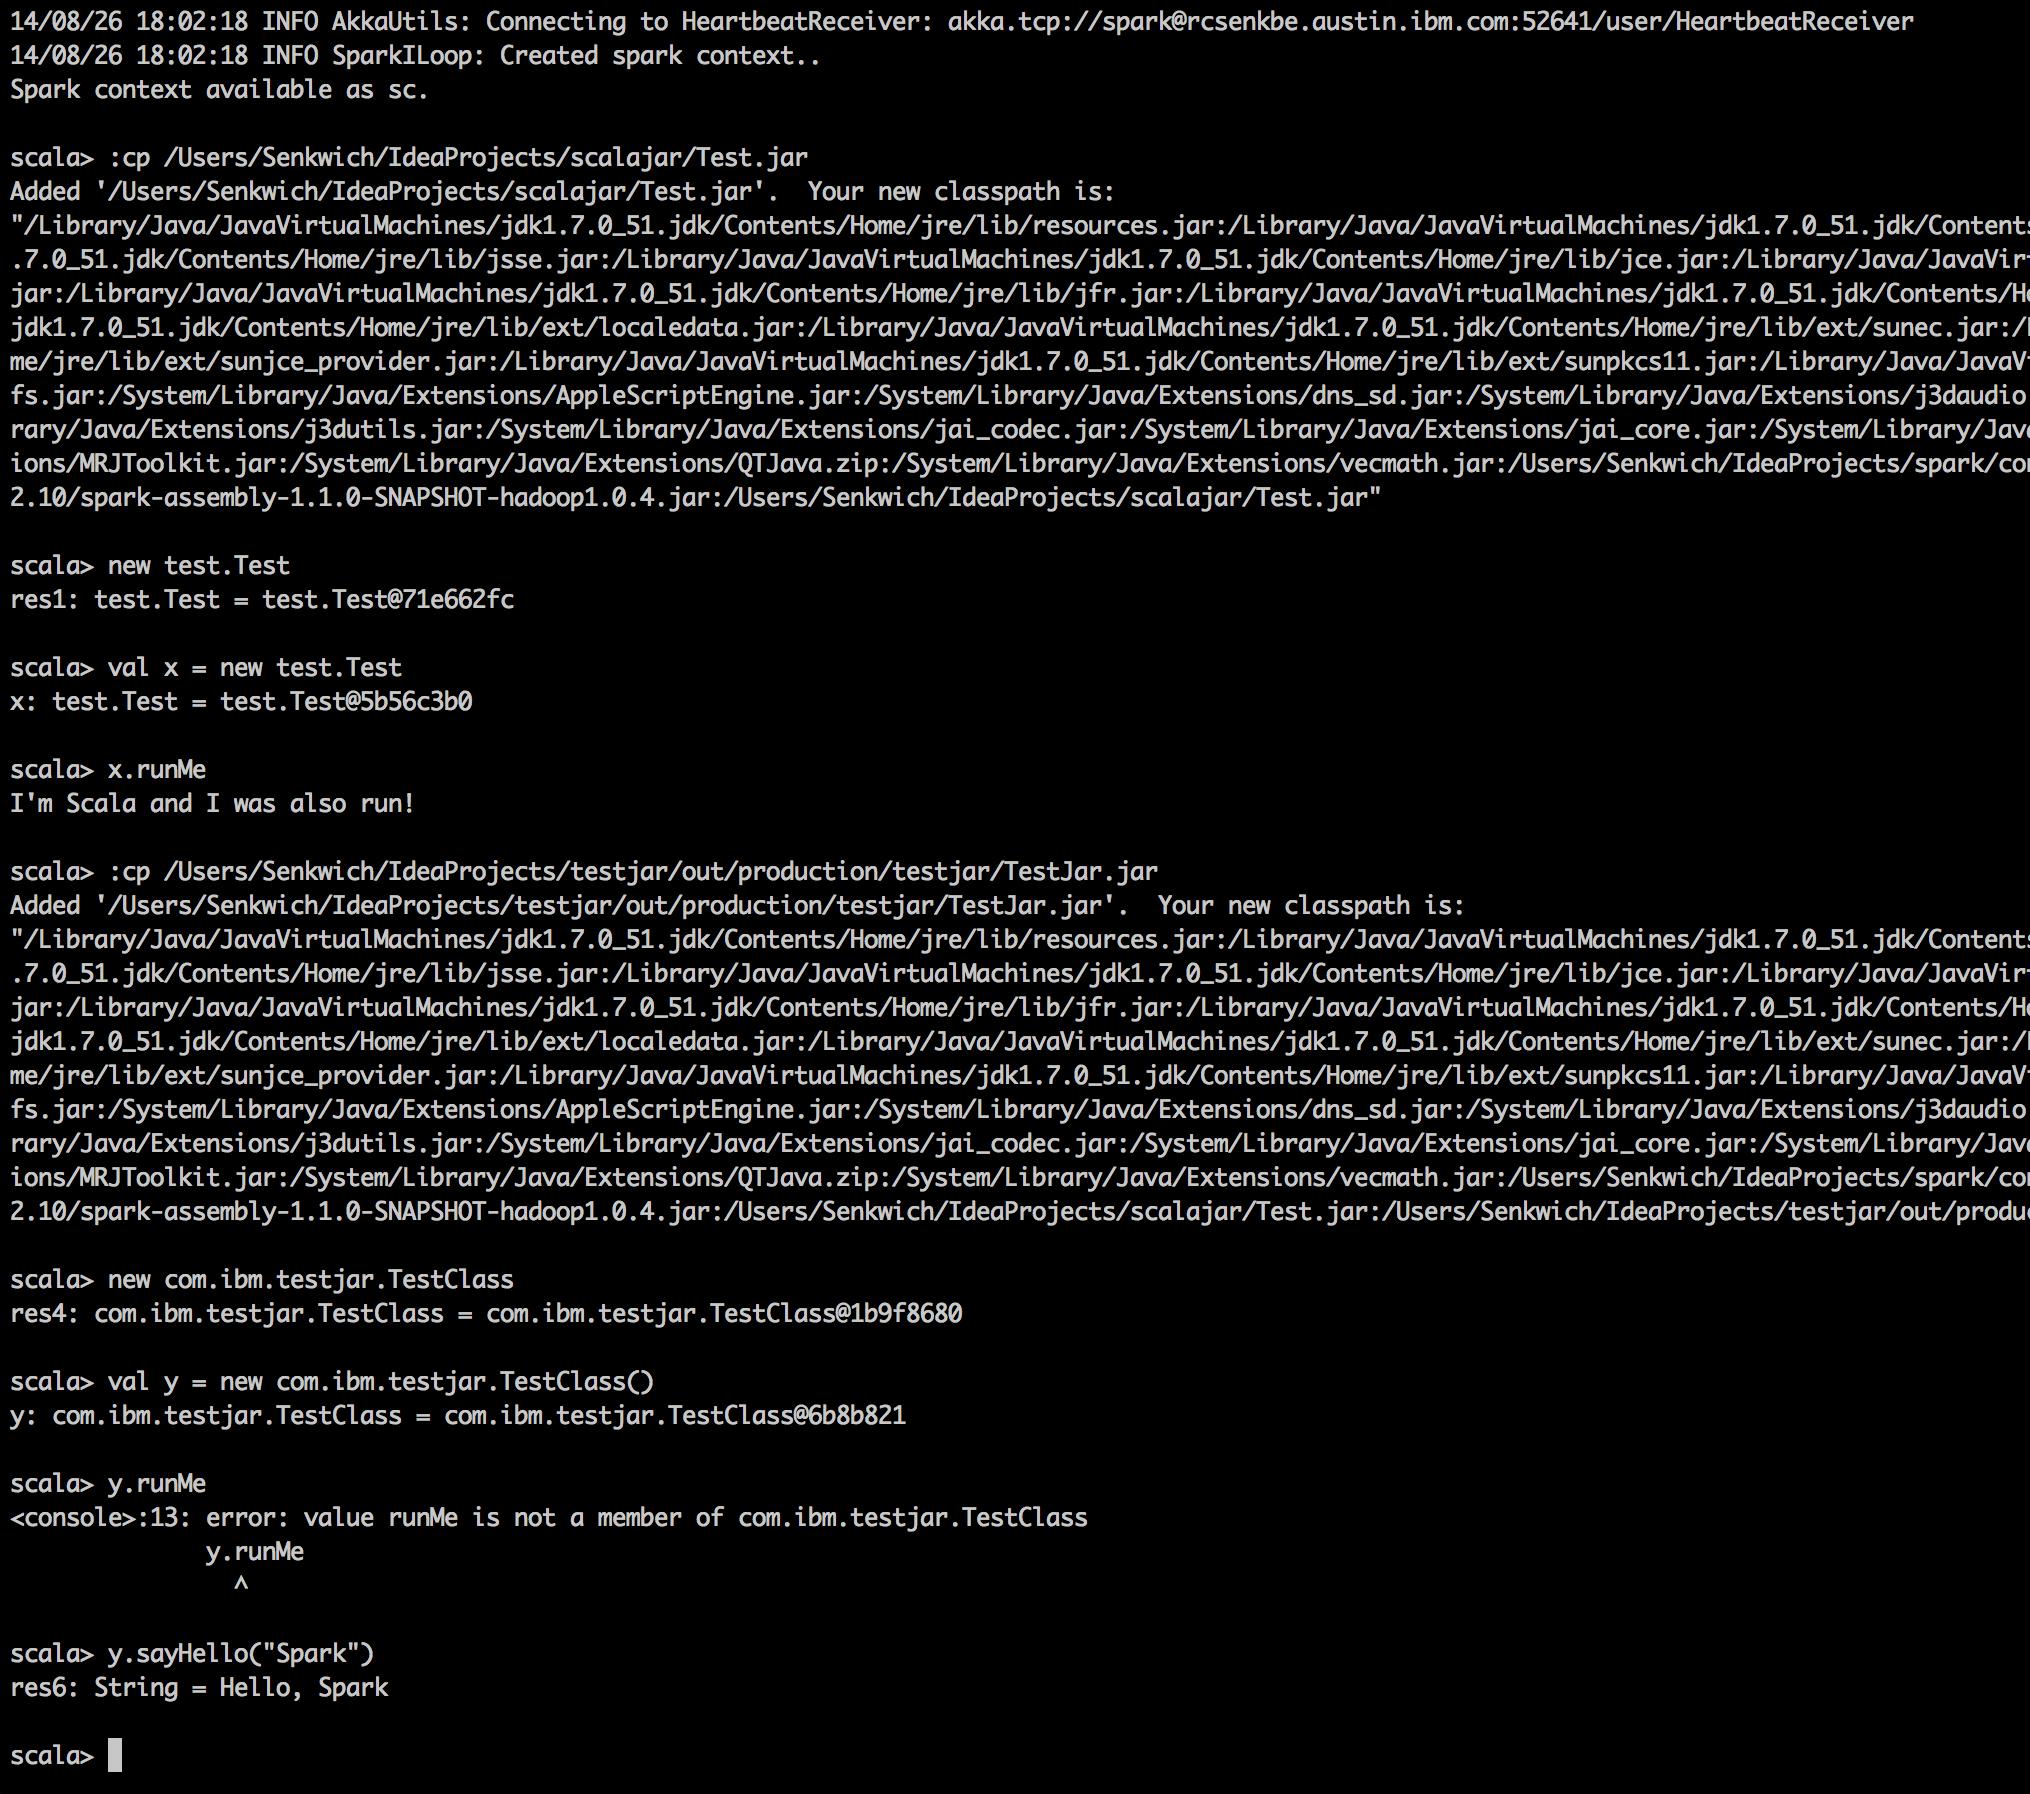 screen shot 2014-08-26 at 6 05 01 pm